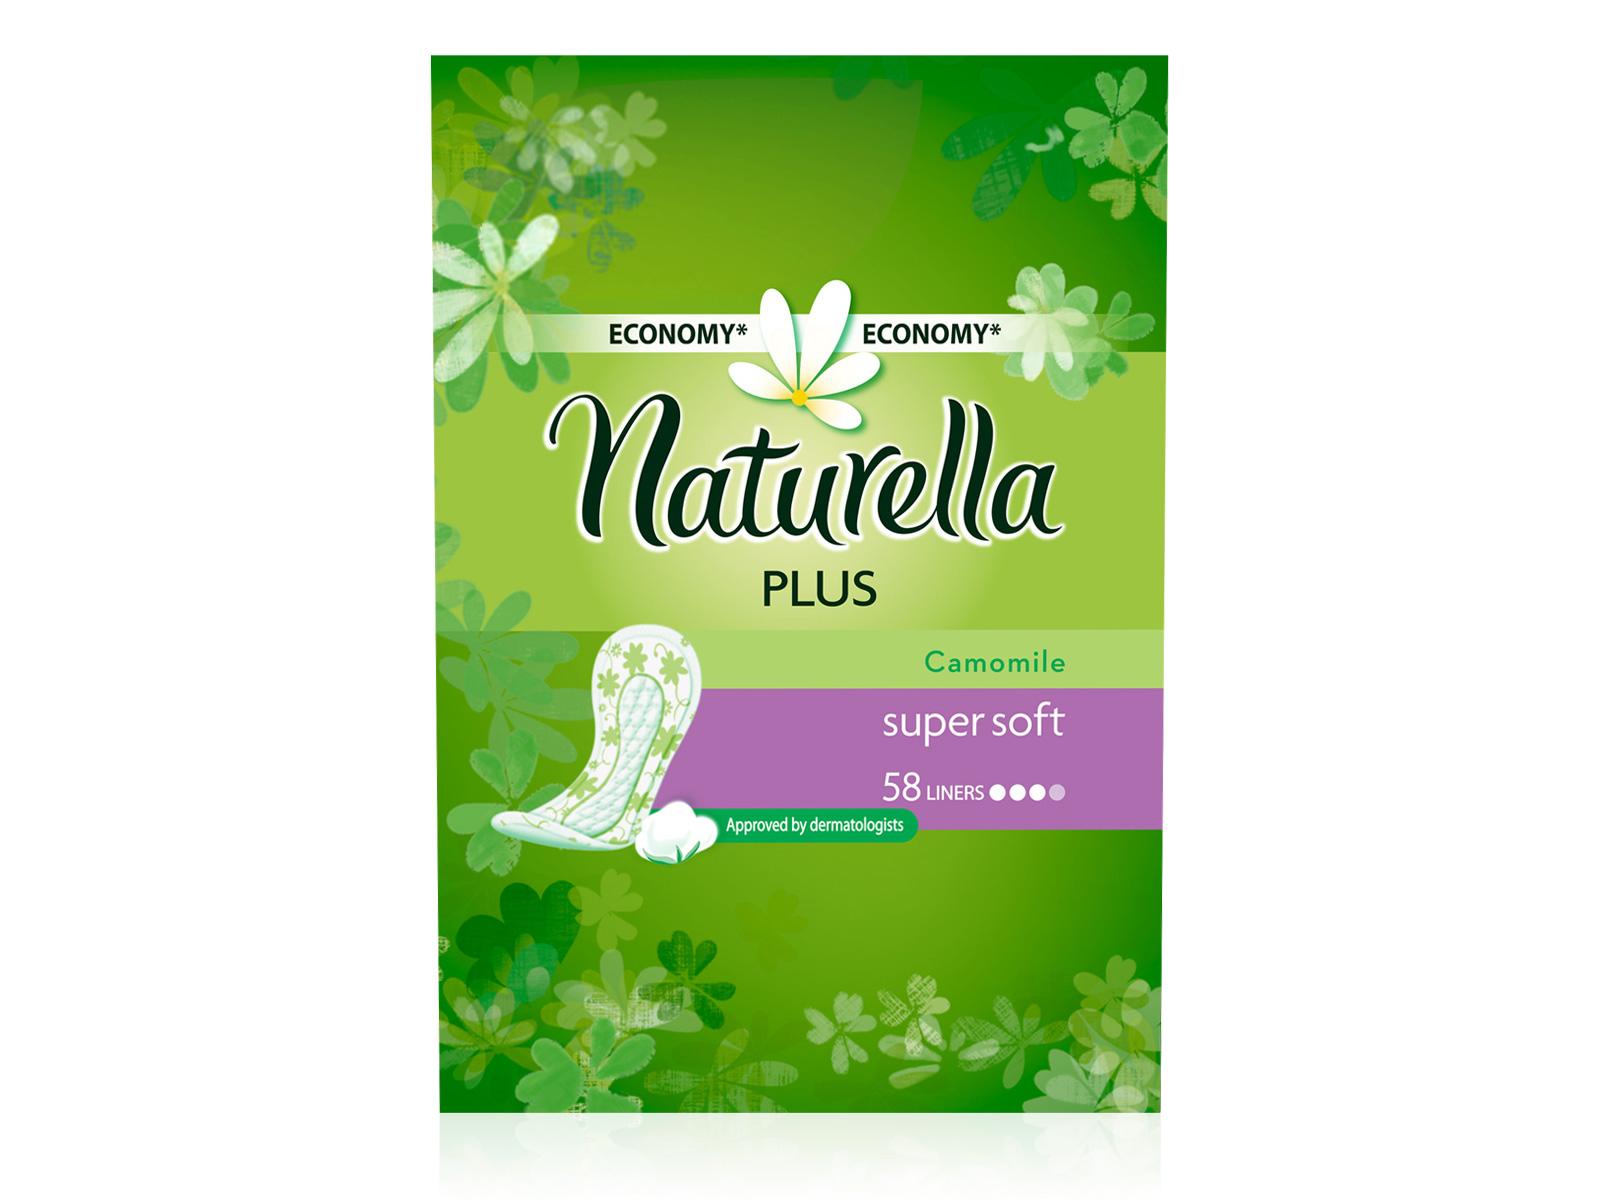 Naturella Женские гигиенические прокладки на каждый день Camomile Plus Trio 58штMP59.4DСохраните свежесть и защиту на целый день с ежедневными гигиеническими прокладками Naturella Plus. Эти воздухопроницаемые ежедневные прокладки толщиной 1,7 мм с мягким, как лепесток, верхним слоем и легким ароматом, вдохновленным самой природой, обеспечивают свежесть и комфорт каждый день.Одобренные дерматологическим институтом proDERM ежедневные прокладки Naturella каждый день обеспечивают заботу о женской гигиене, которой можно доверять.Ежедневные гигиенические прокладки Naturella одобрены дерматологическим институтом proDERM и обеспечивают надежный ежедневный гигиенический уход. Ежедневные прокладки Naturella отлично защищают нижнее белье при выделениях из влагалища, нерегулярном цикле и выделениях перед менструацией. Во время менструации обязательно воспользуйтесь прокладками Naturella для усиленной защиты.Невероятно мягкий верхний слой обеспечивает дополнительный комфорт в интимной зонеУлучшенная зона впитываемостиЯвляются самыми мягкими и плотными ежедневками в портфеле NaturellaДышащий верхний слой и легкий аромат ромашки для ежедневной свежестиОдобрено дерматологами всемирно известного немецкого института proDERM и гарантируют женщинам надежную защиту, которой можно доверять